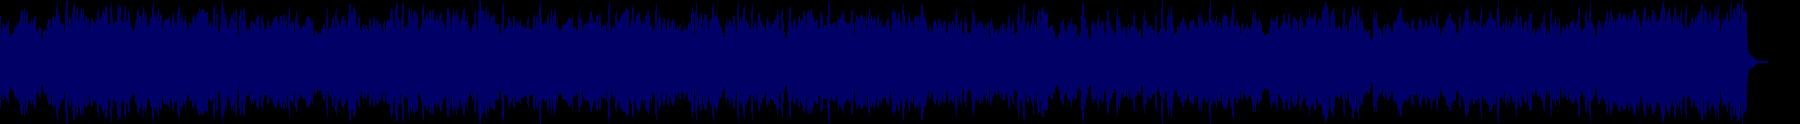 waveform of track #76663